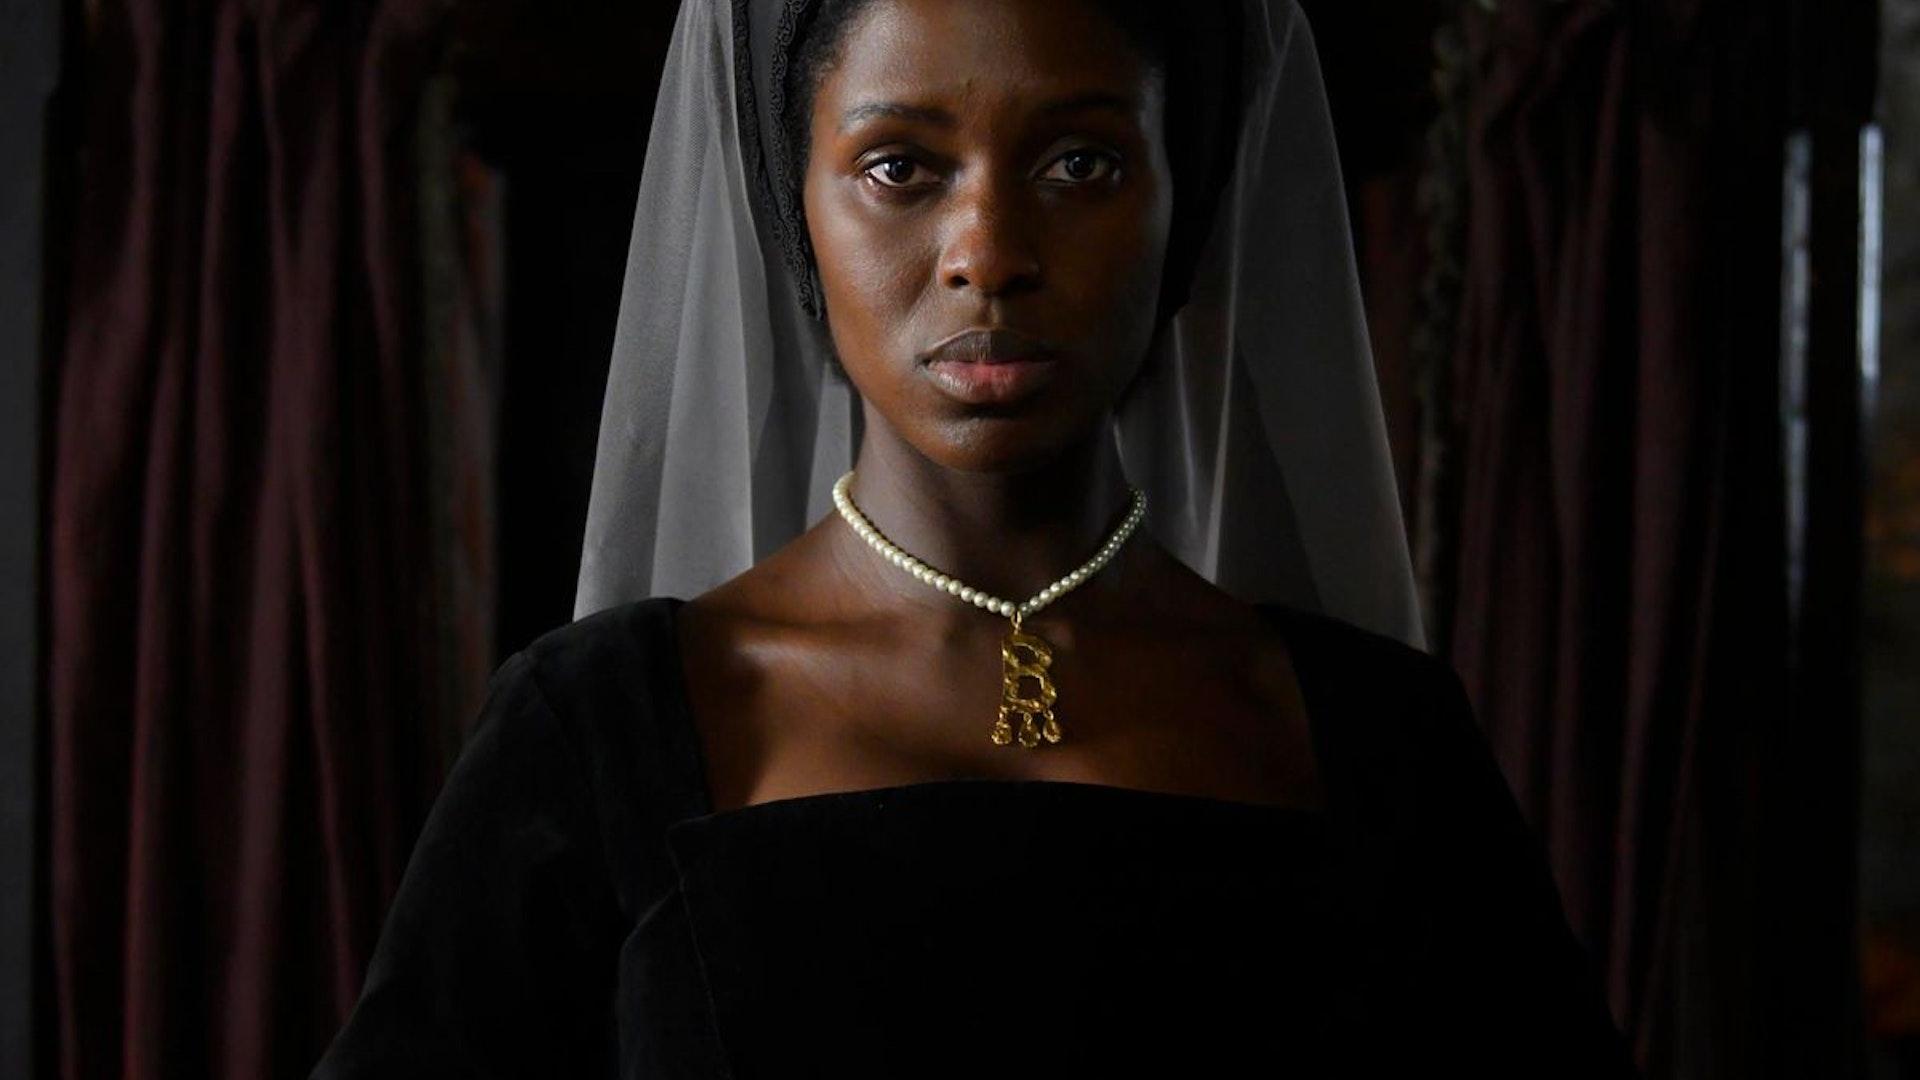 0_Anne-Boleyn-played-by-Jodie-Turner-Smith-5995